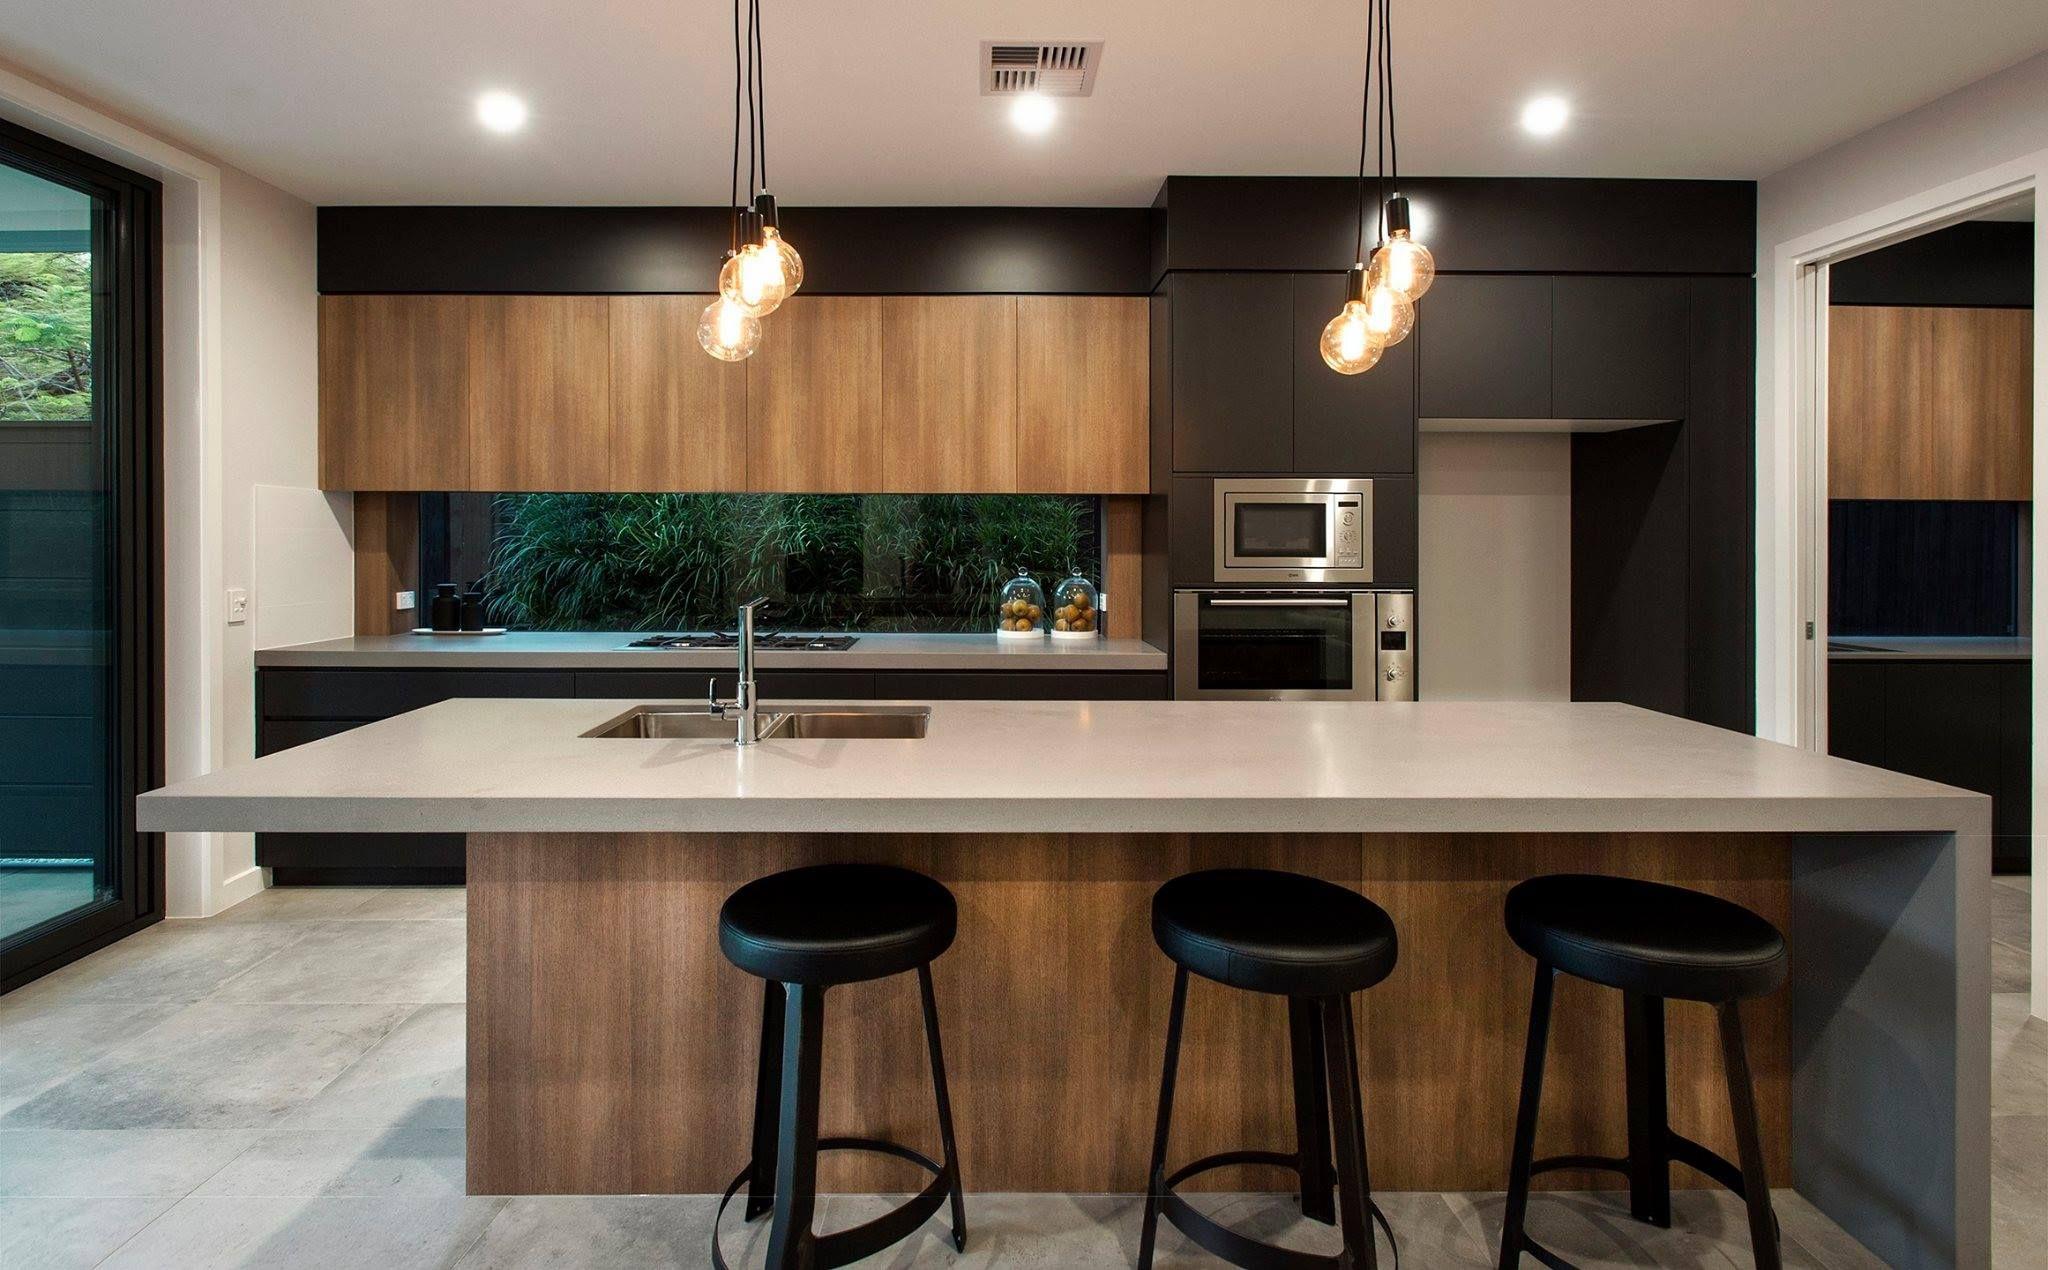 1 incre ble sofisticado look con mod concrete lo utiliz - El practico de cocina ...